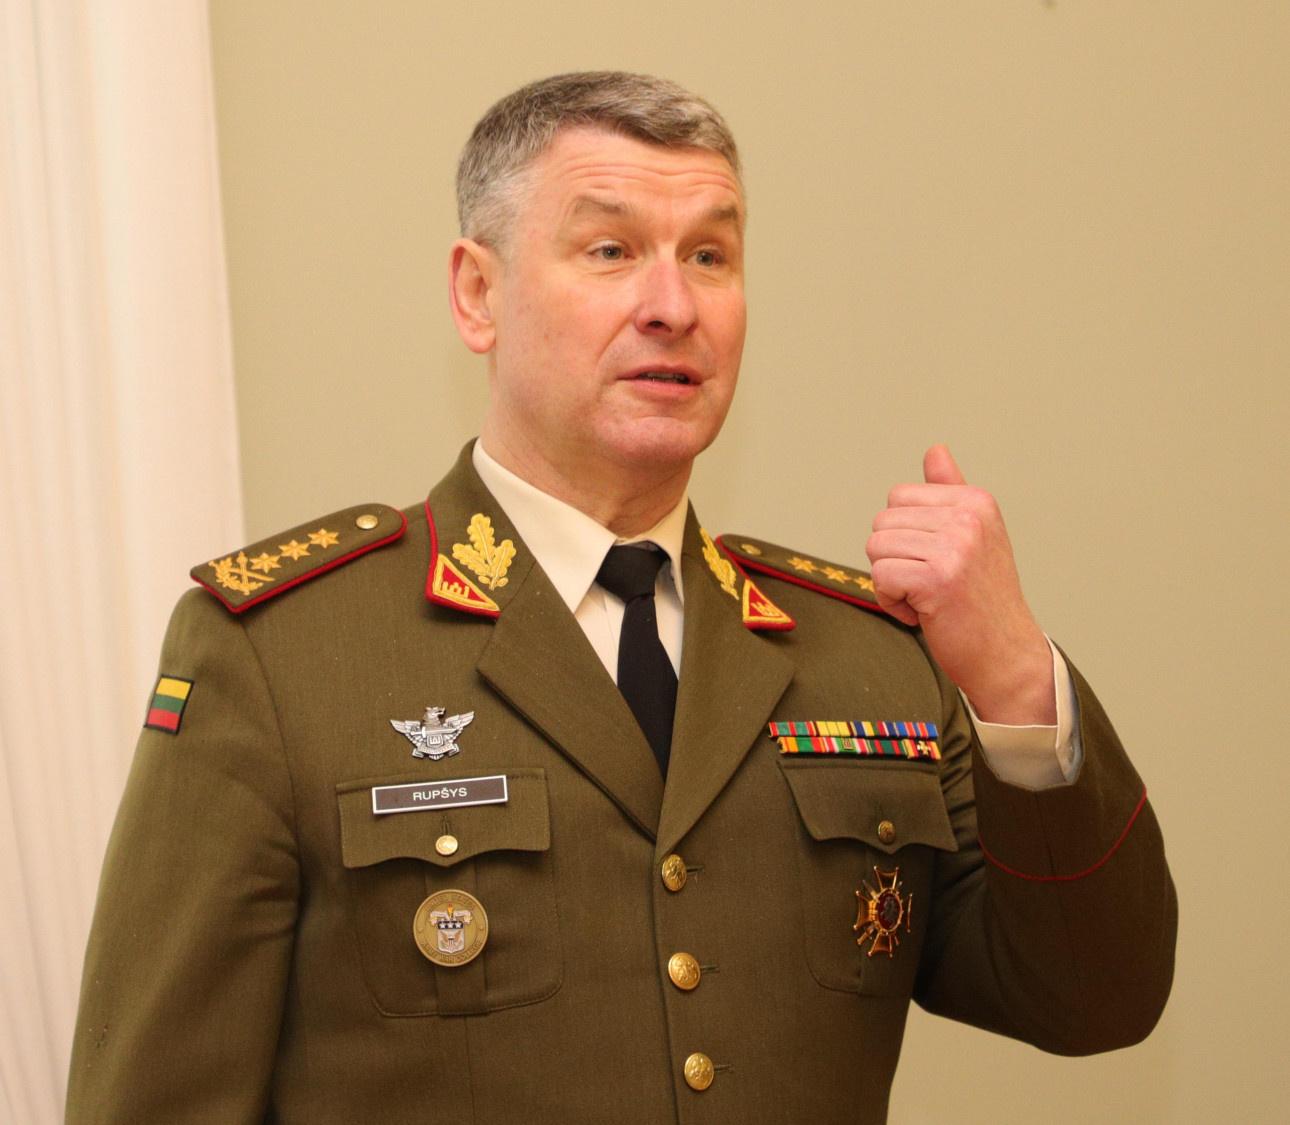 Kariuomenės vadas V. Rupšys išvyksta į ES karinio komiteto susitikimą Briuselyje